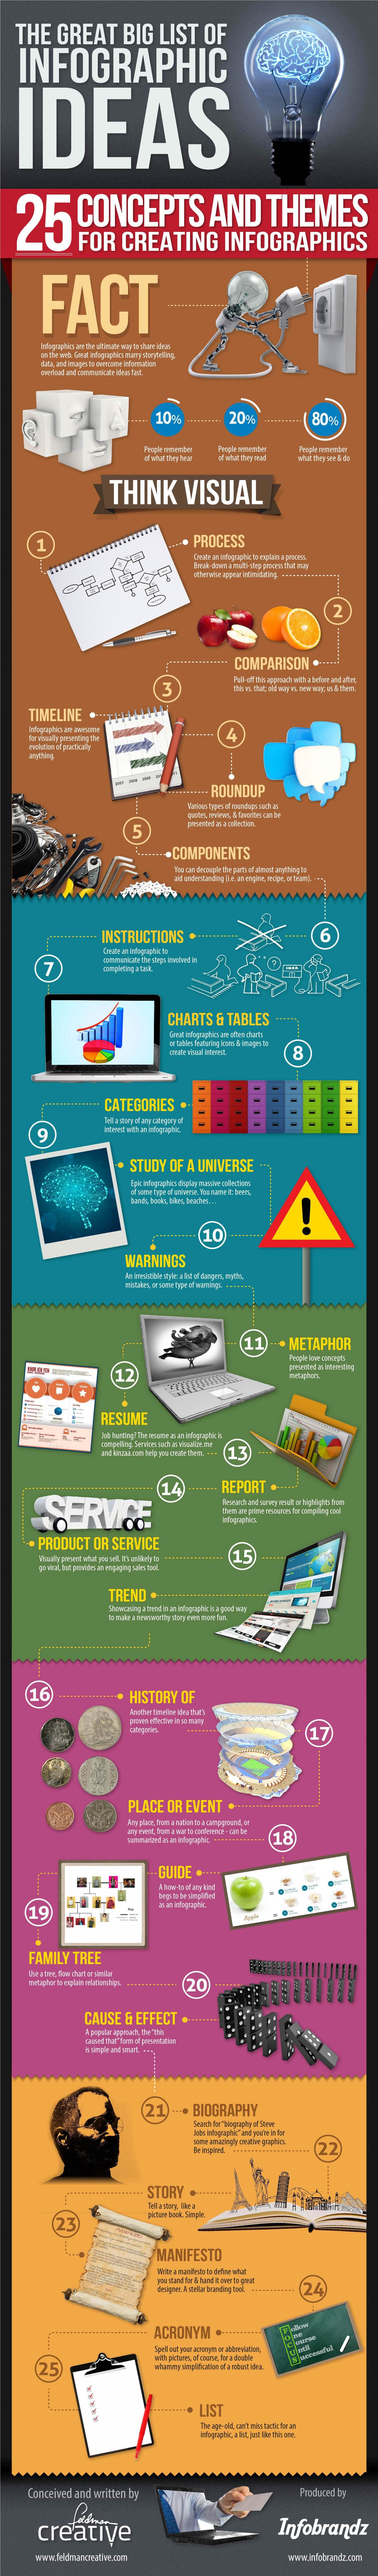 Infographic Ideas